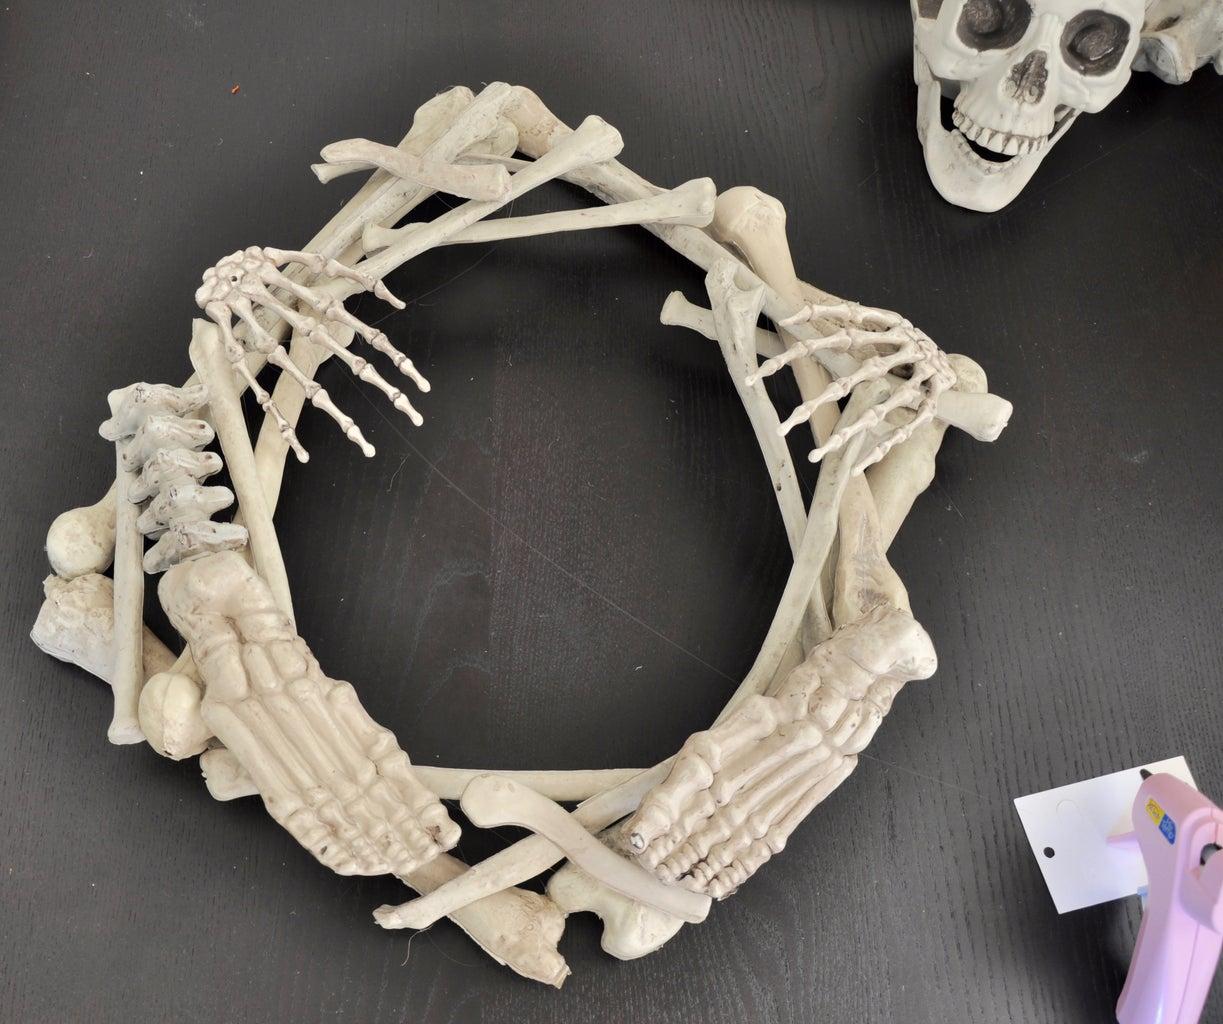 Glue Skeleton Pieces Together